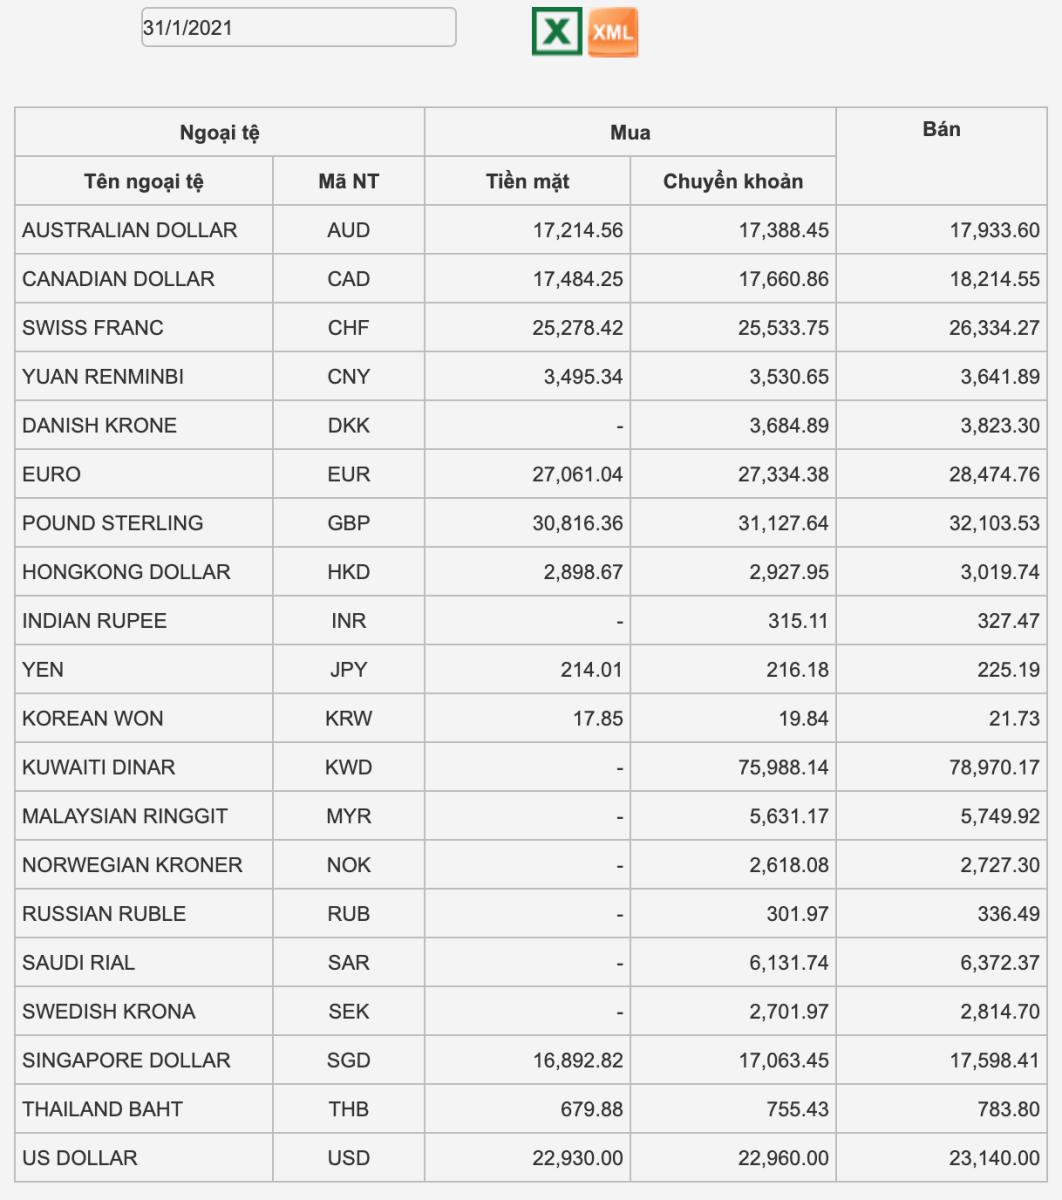 Tỷ giá Vietcombank hôm nay 31/1: Phiên cuối tuần không biến động